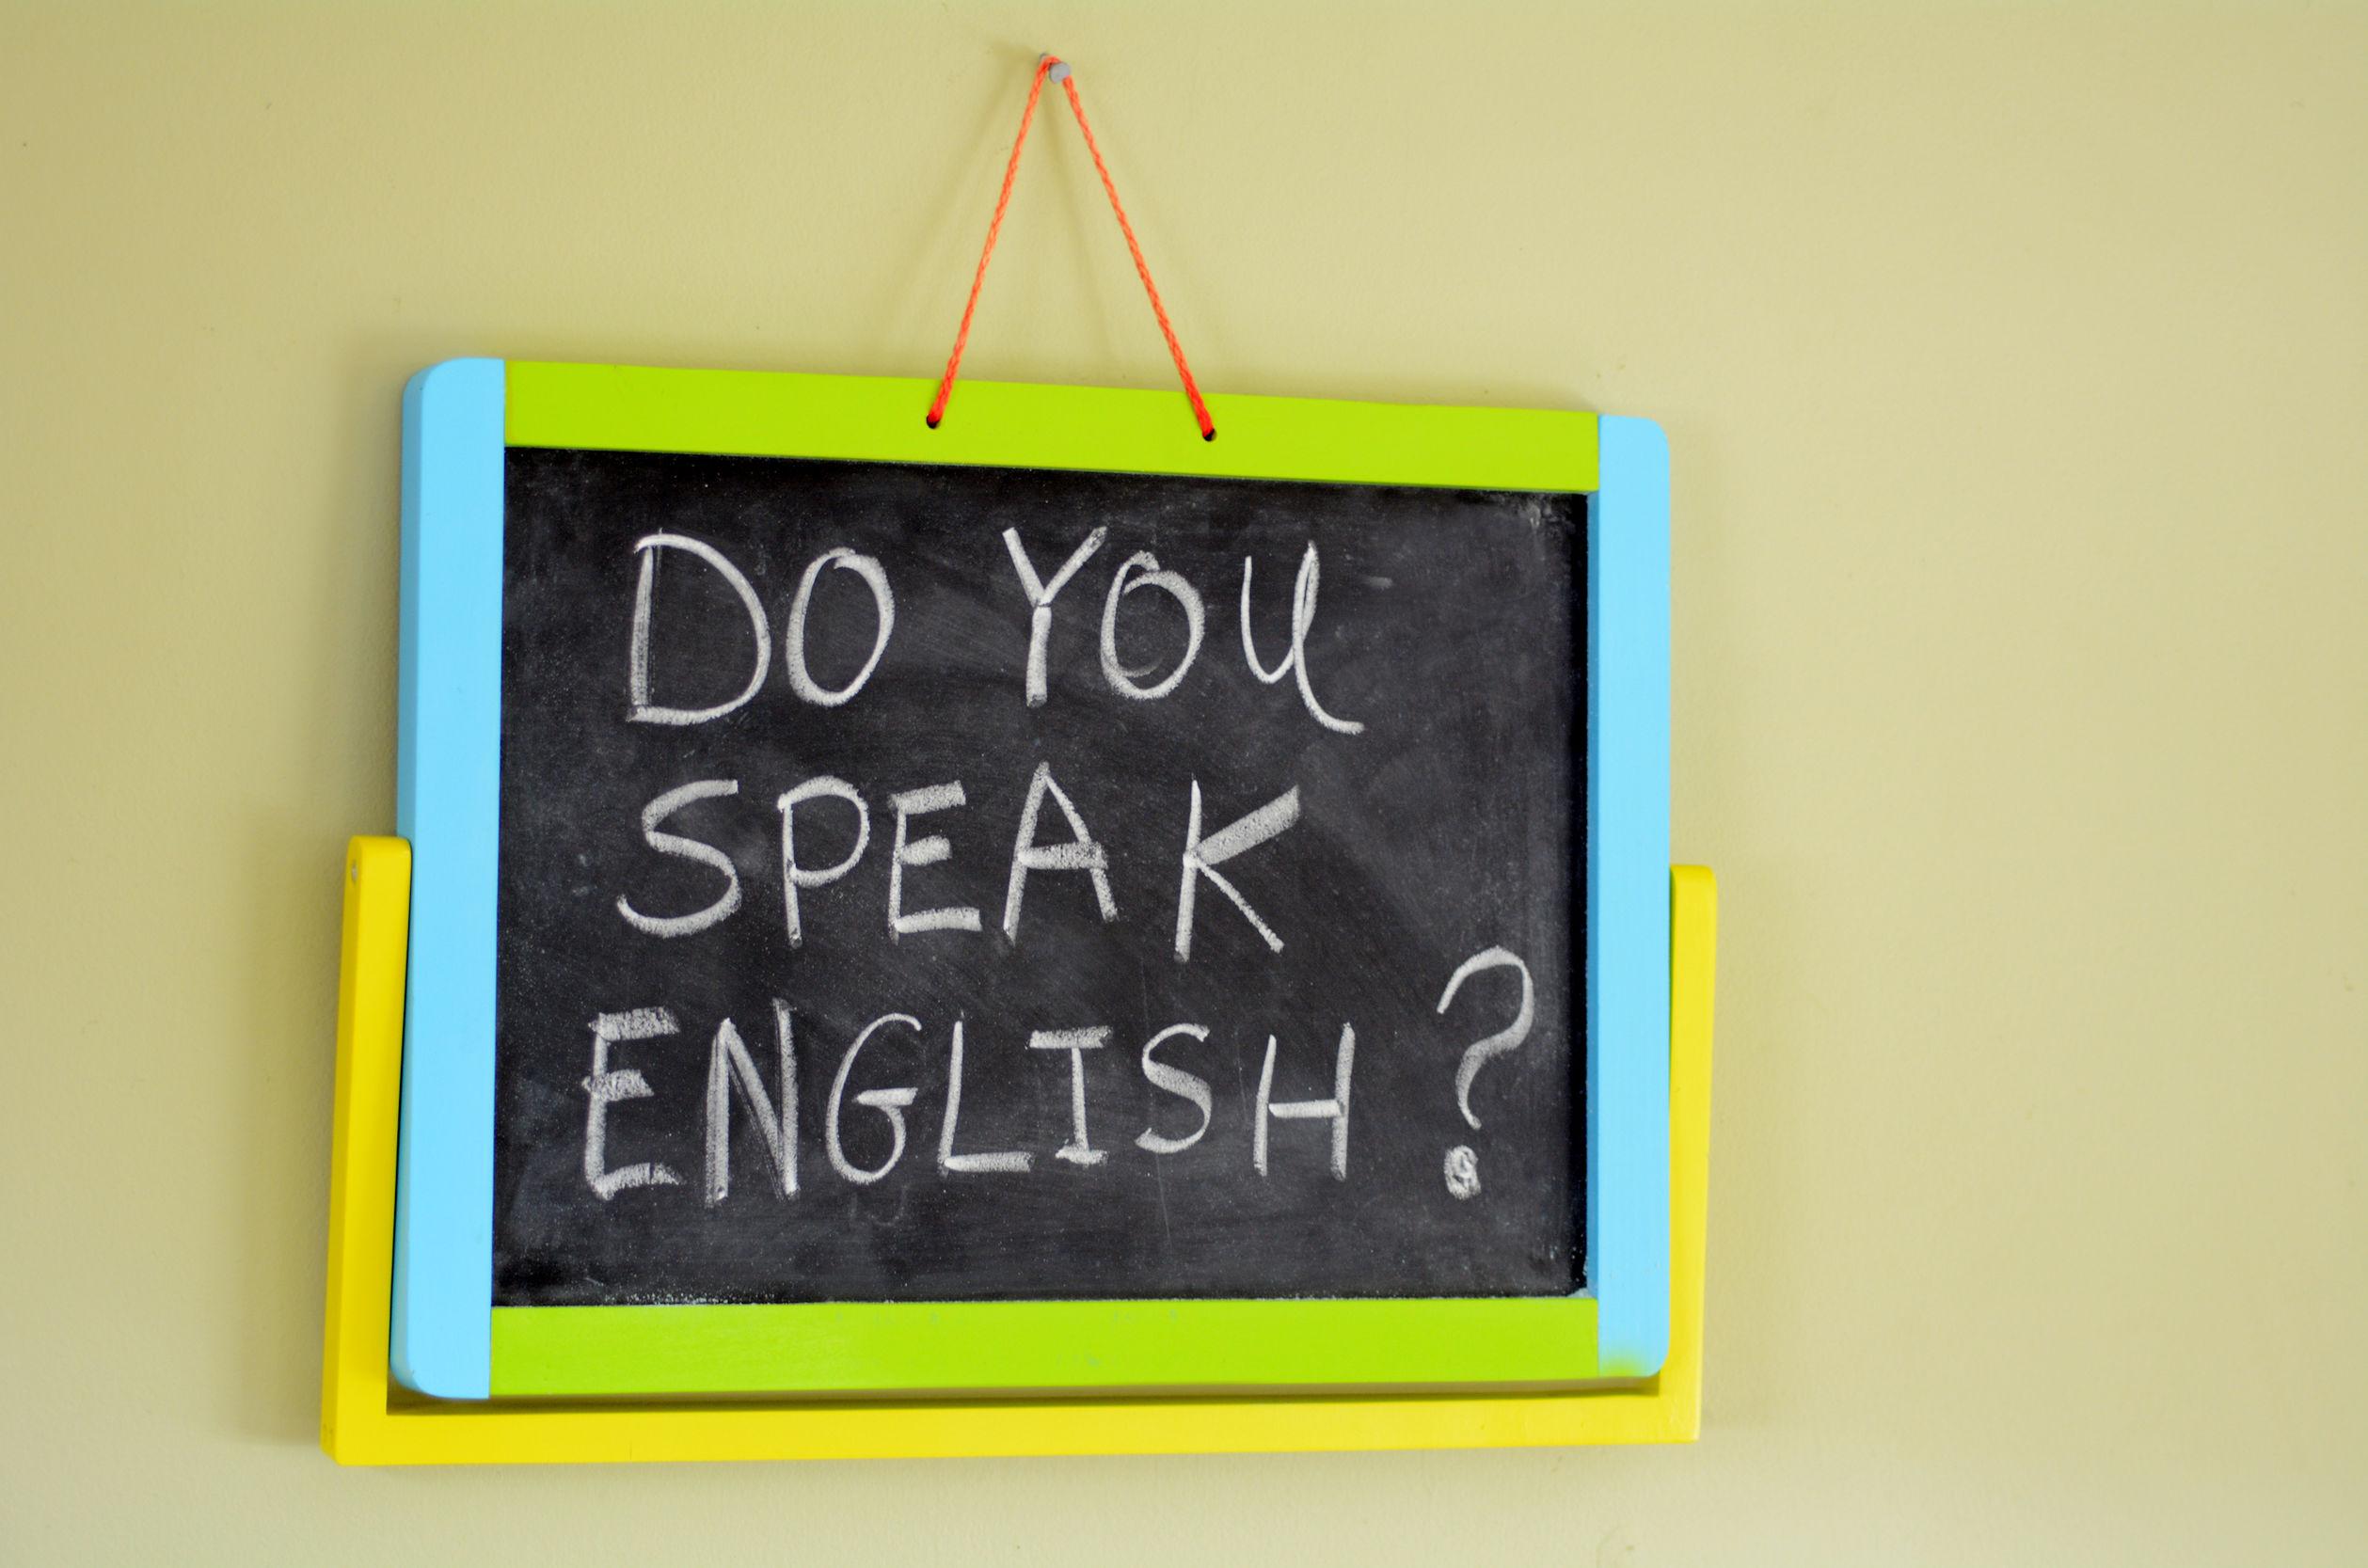 Curso de inglés: ¿Cómo seleccionar el mejor?